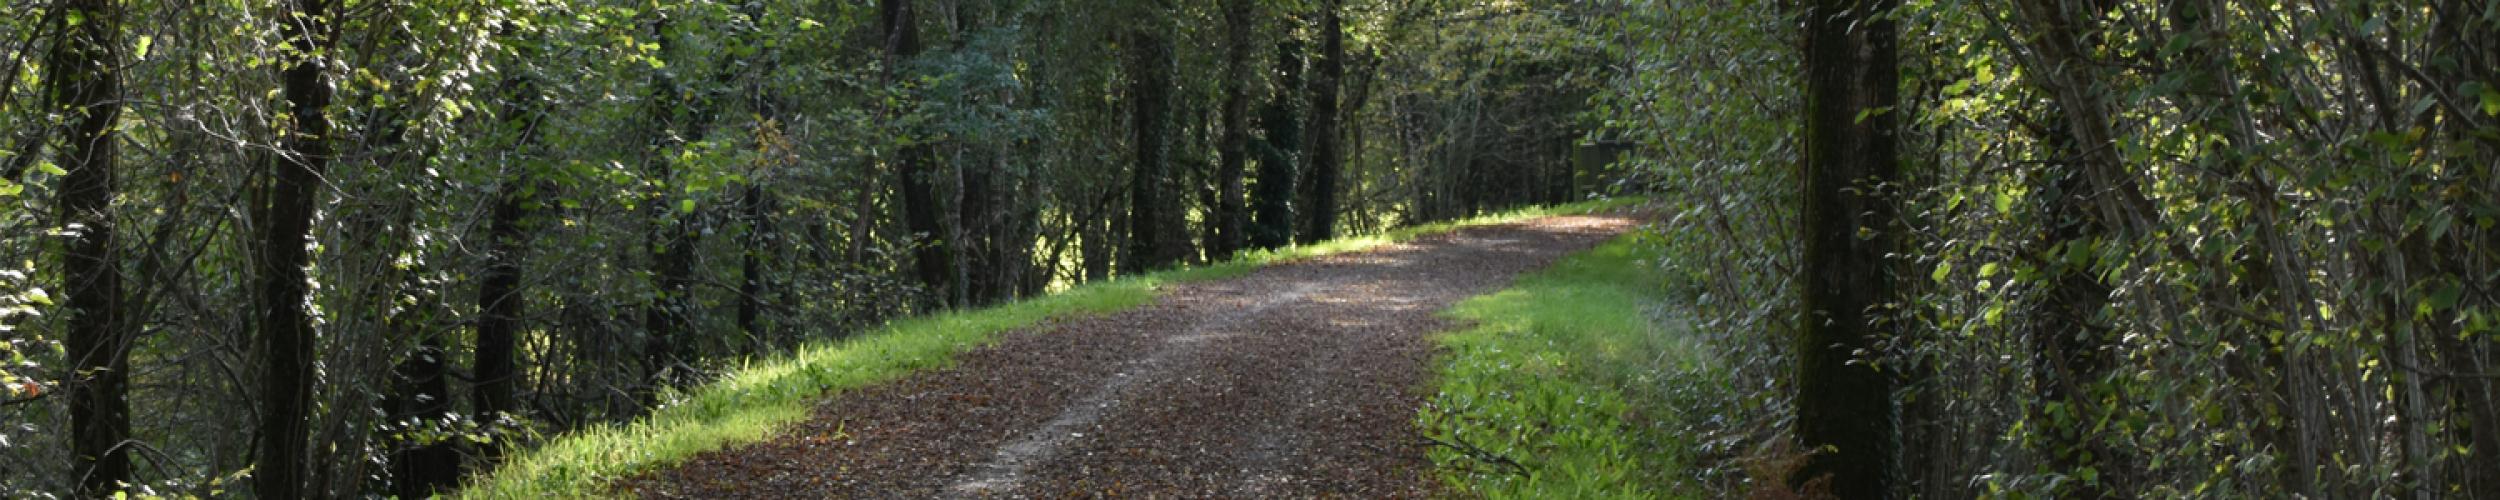 Kom tot rust tijdens een mooie wandeling in de natuur